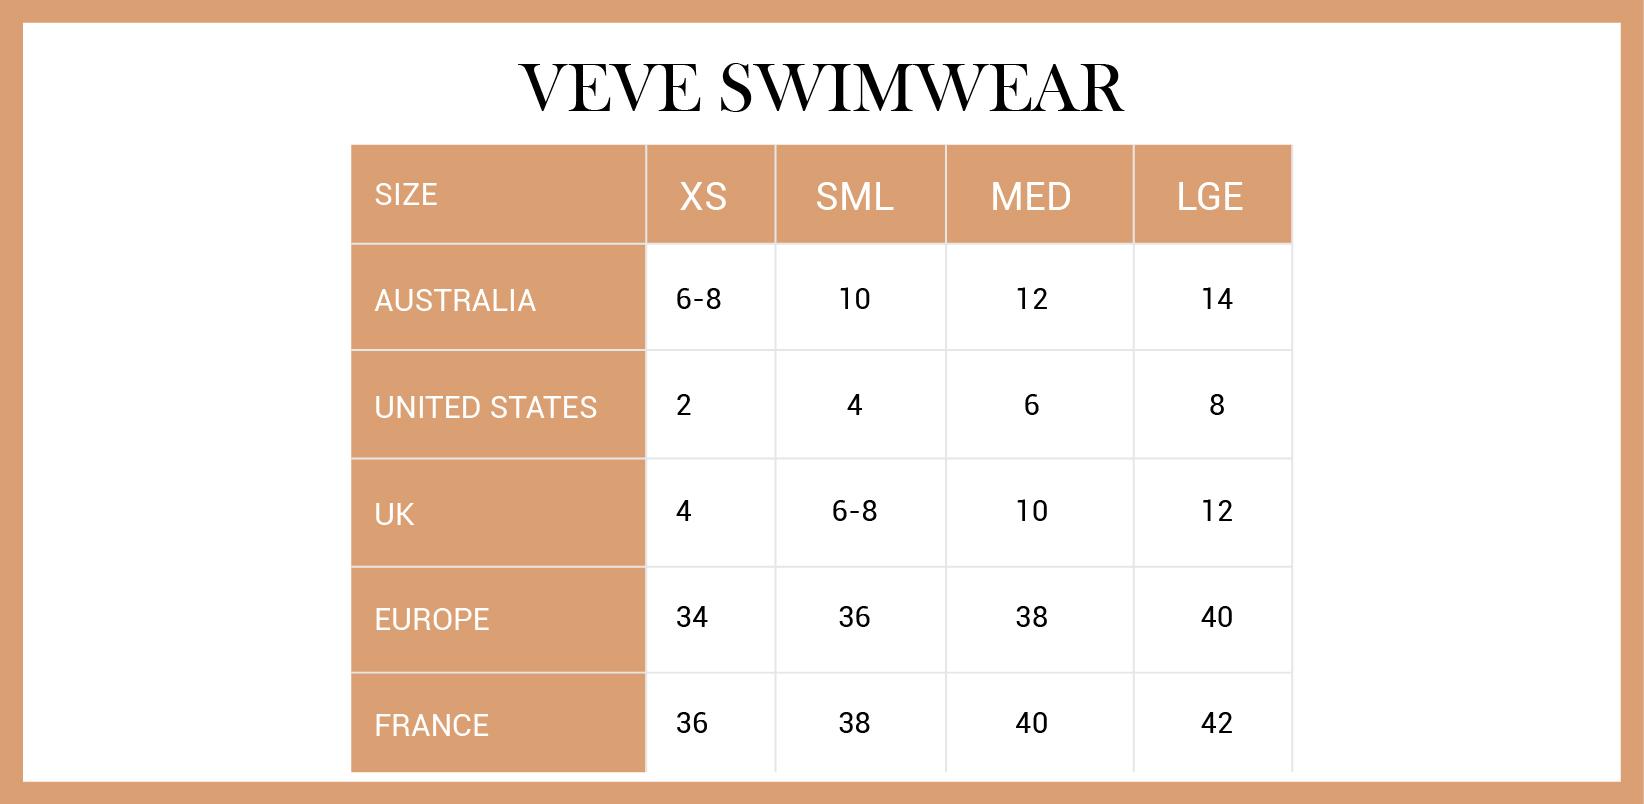 veveswimwearsizechart.jpg